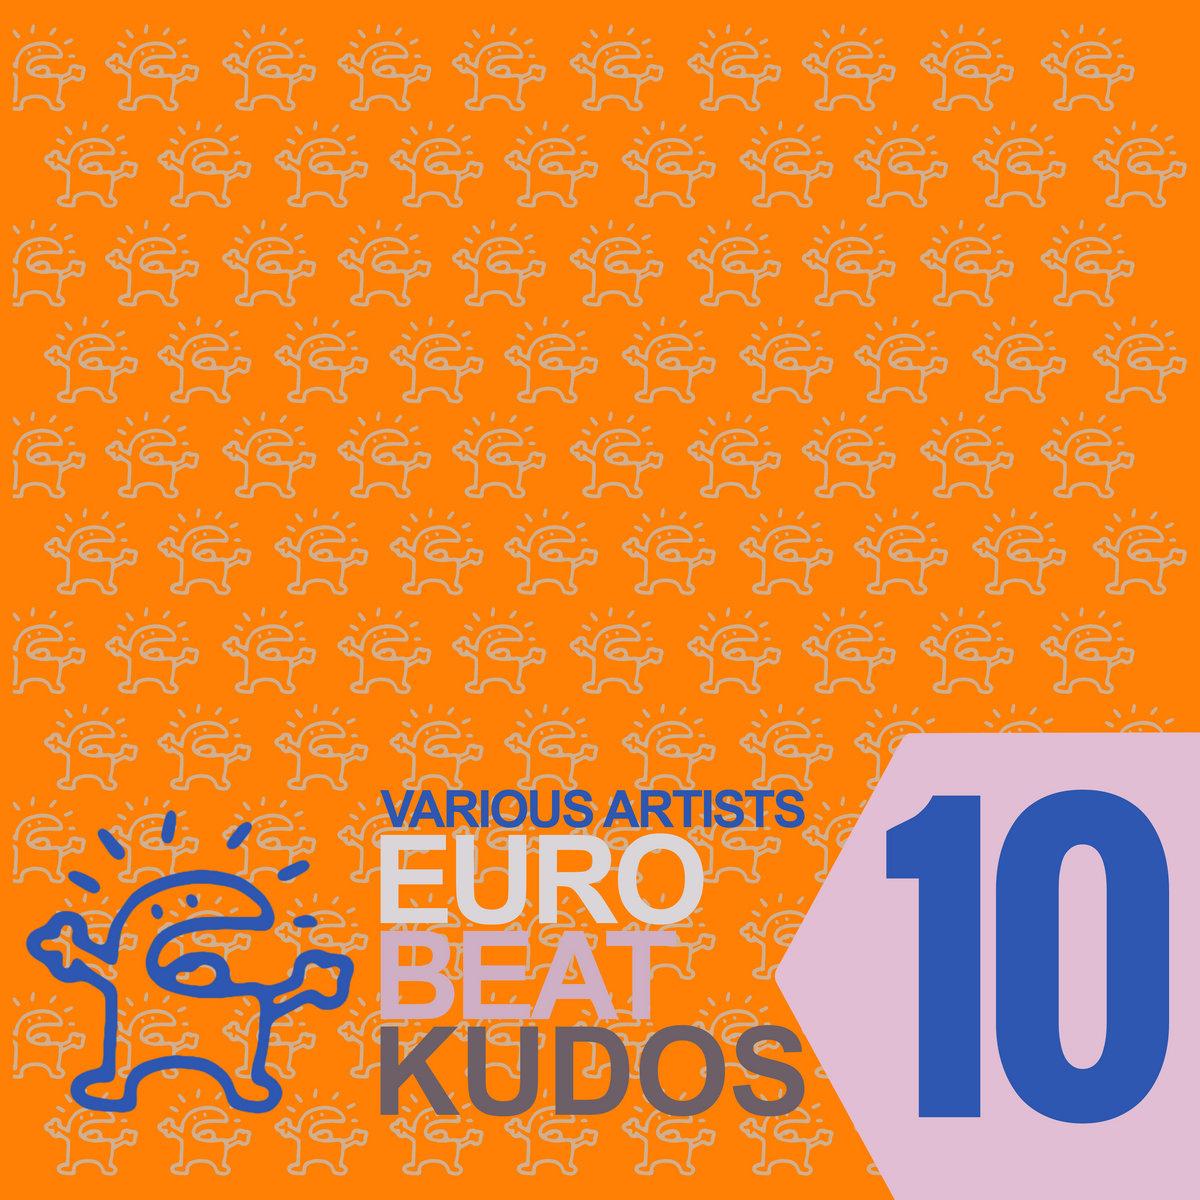 Eurobeat Kudos 10 | SCP Music